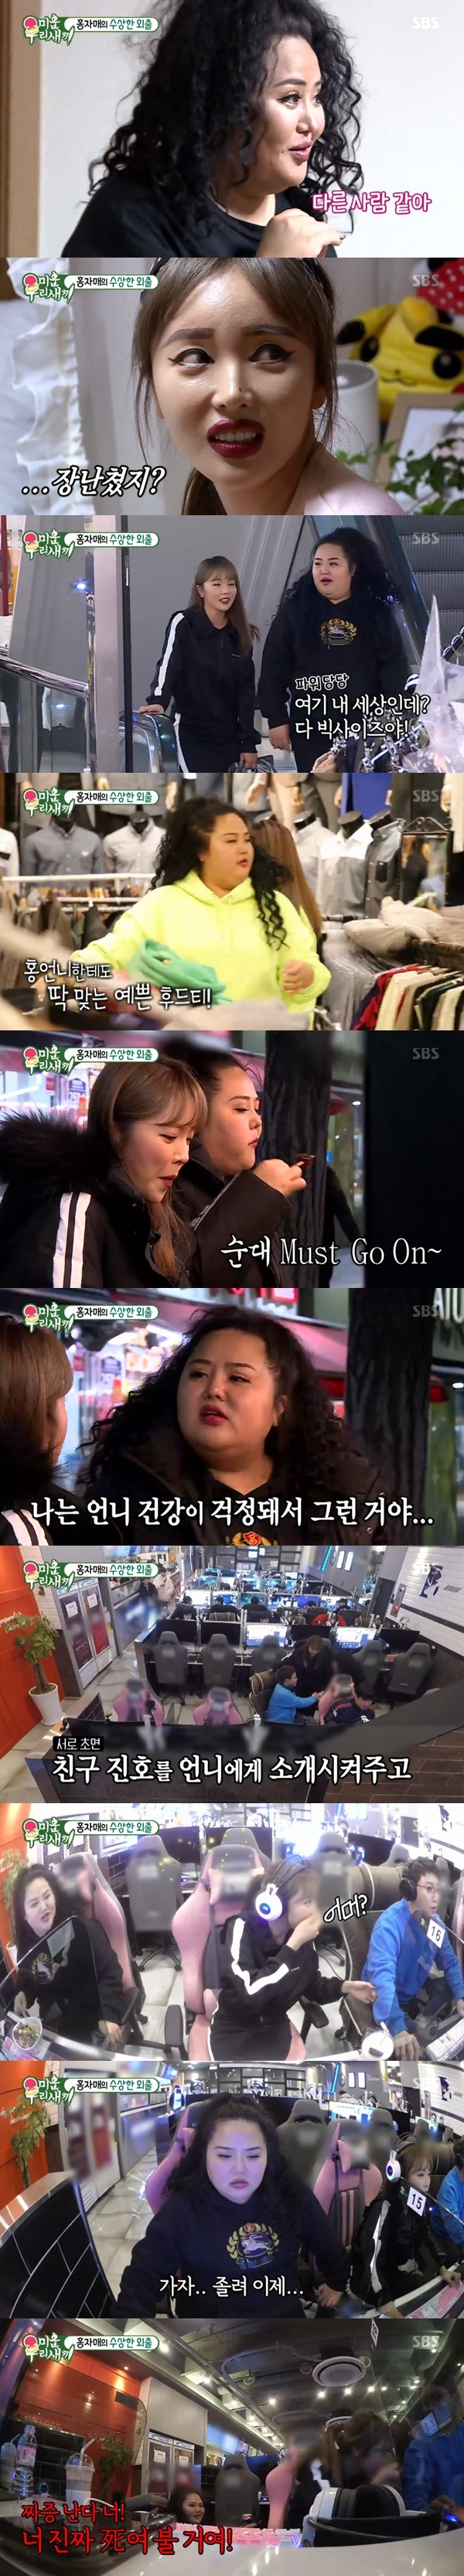 '미우새' 홍진영·홍선영, 동대문 길